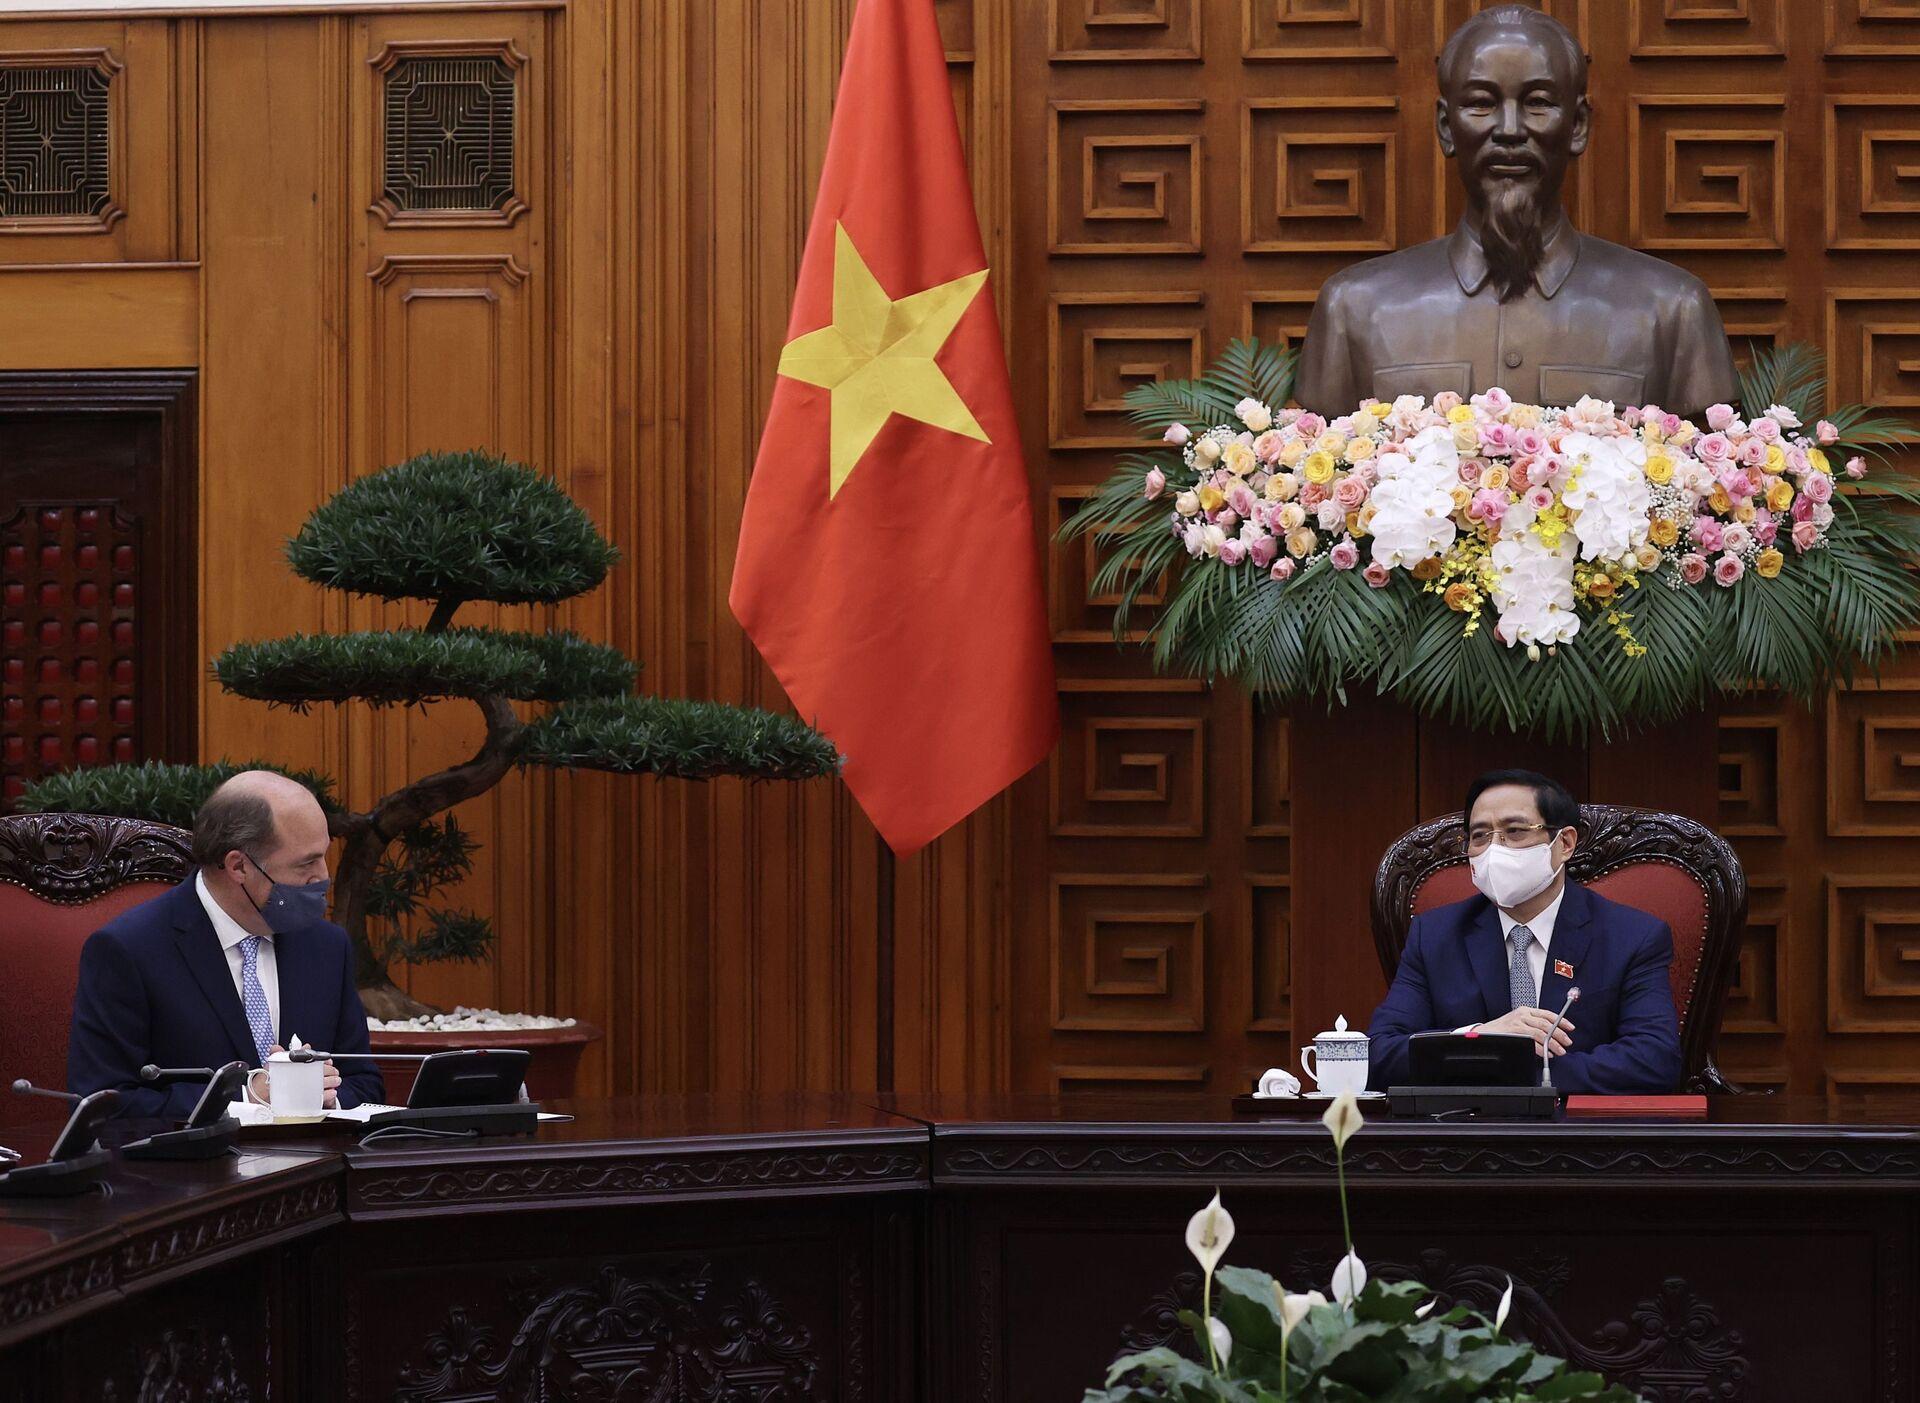 Việt Nam – Anh 'tìm được tiếng nói chung' - Sputnik Việt Nam, 1920, 22.07.2021